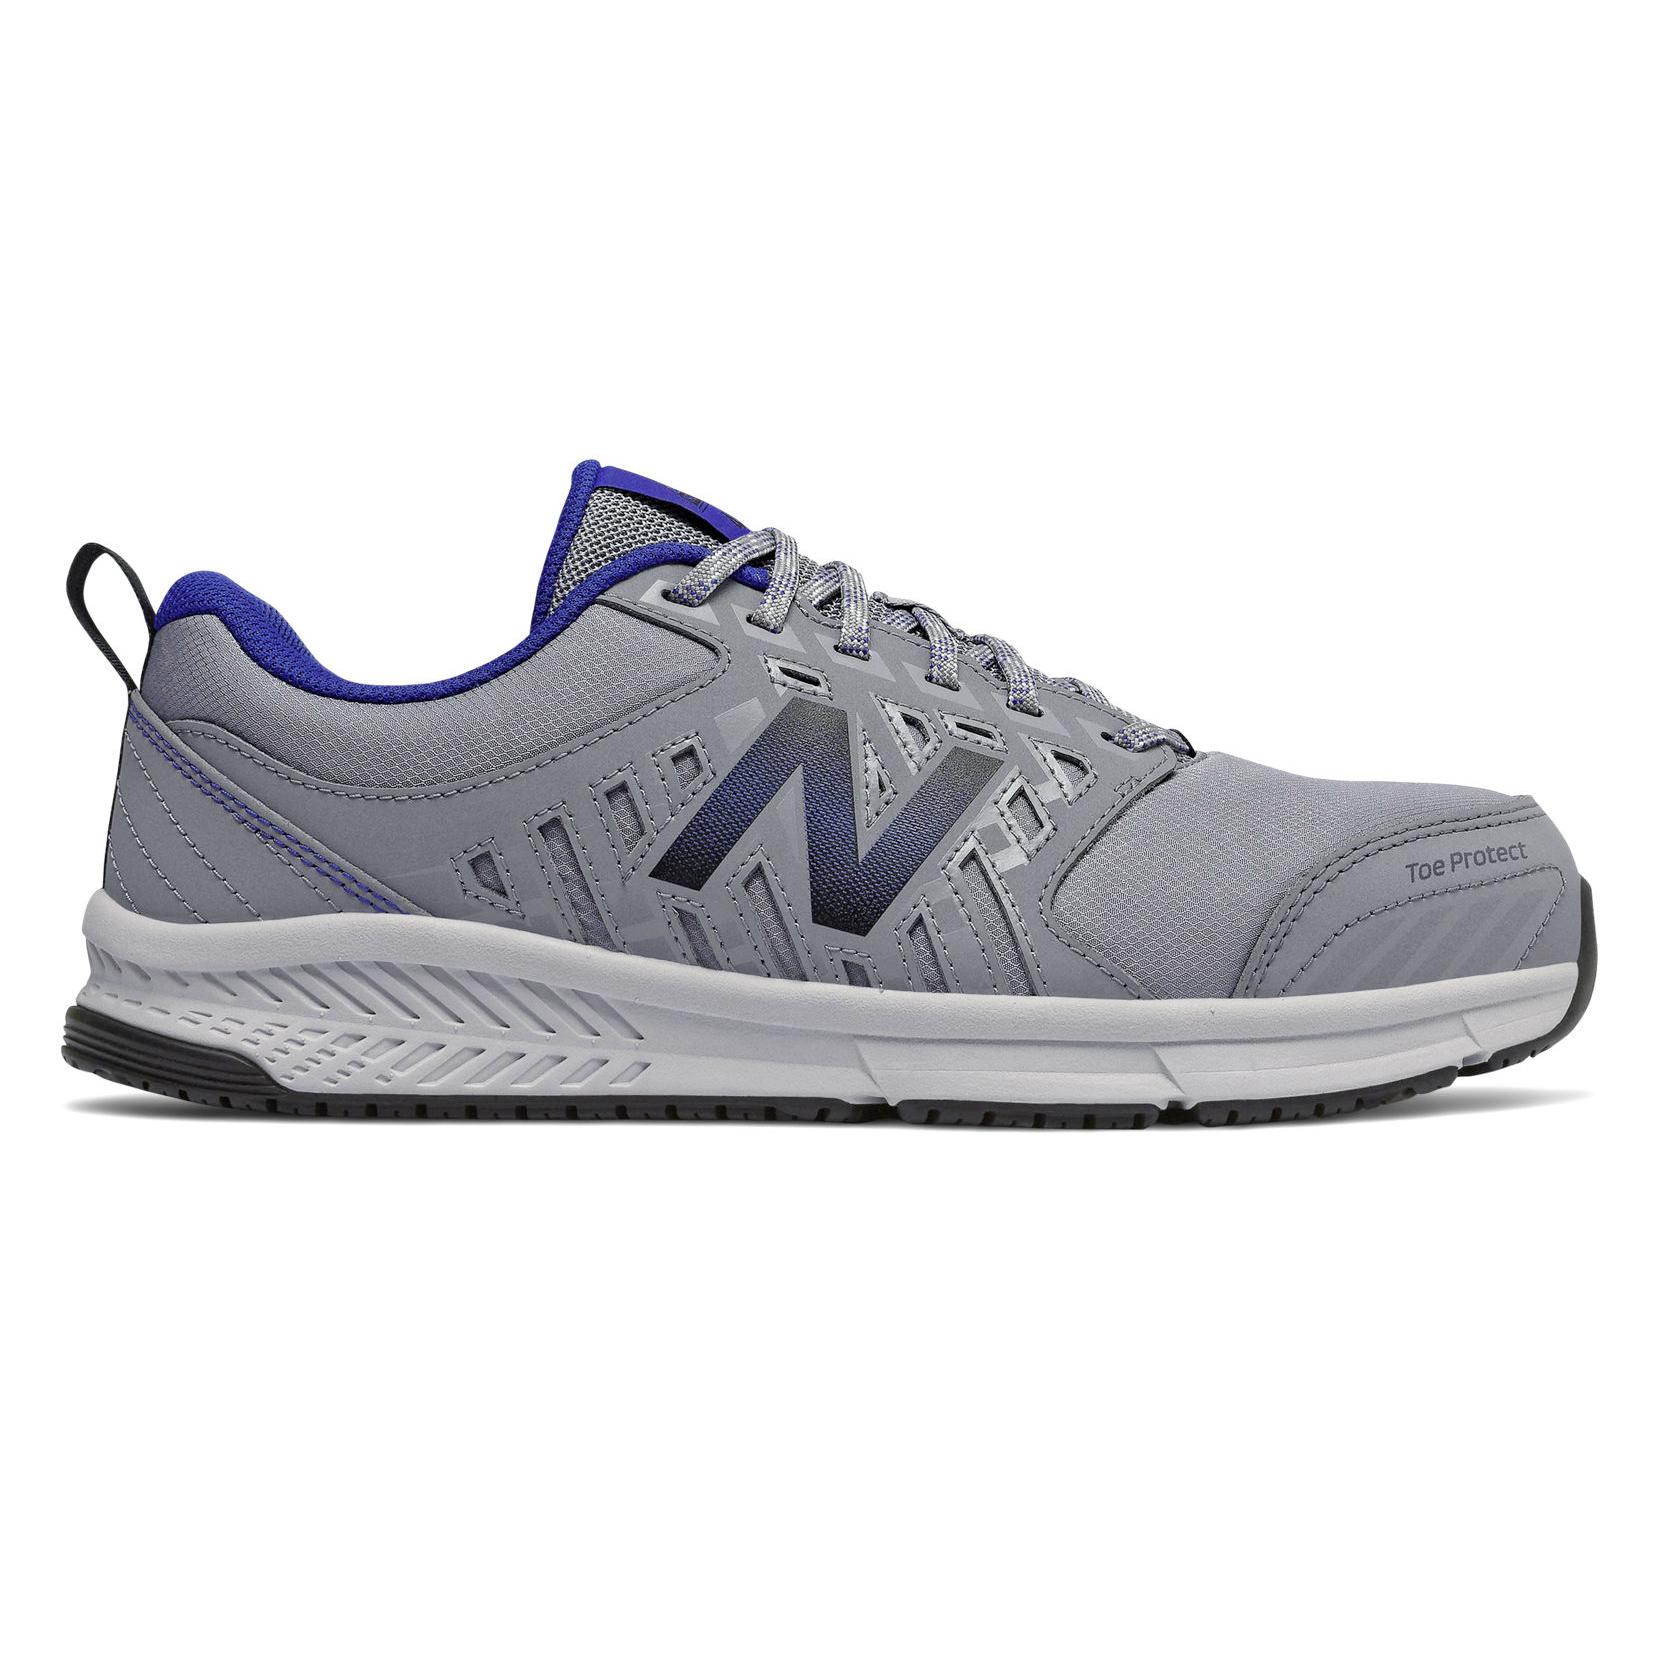 NB 412 Alloy Toe | ShoeStores.com